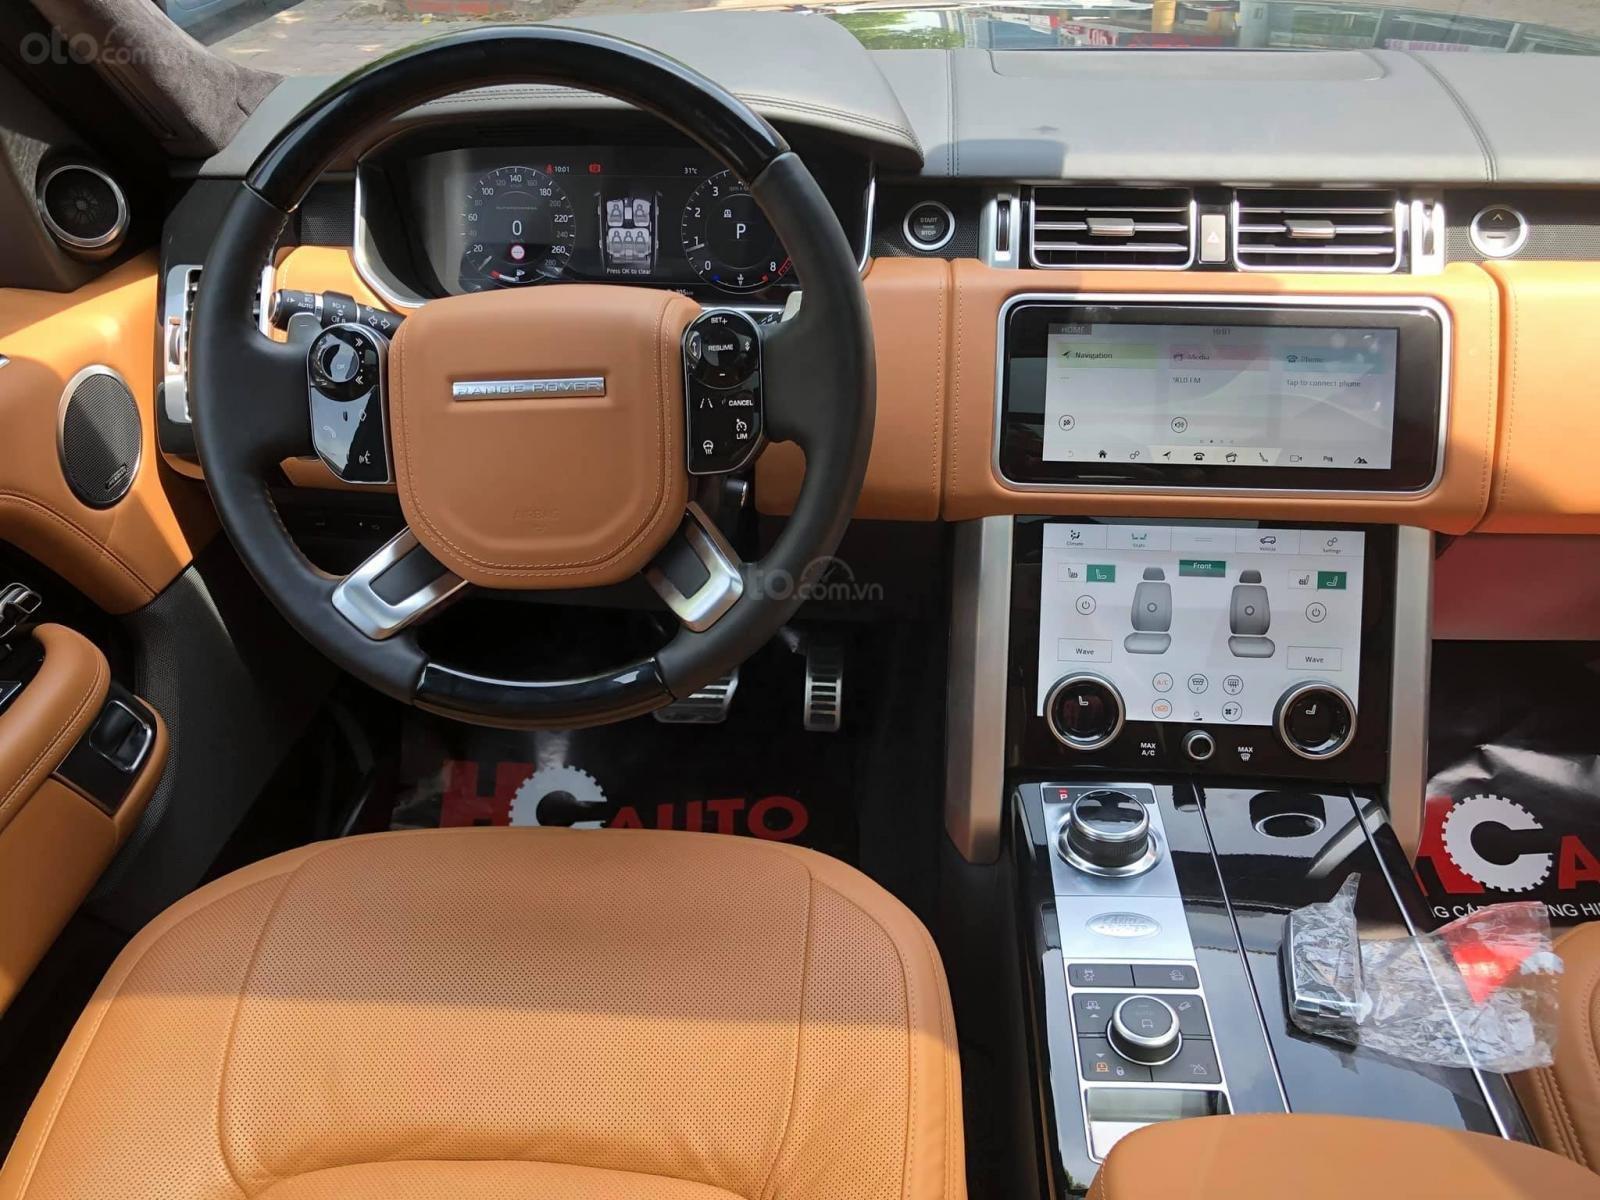 Bán Range Rover Autobiography LWB 5.0 2019, màu đen, nhập khẩu nguyên chiếc, full options-10